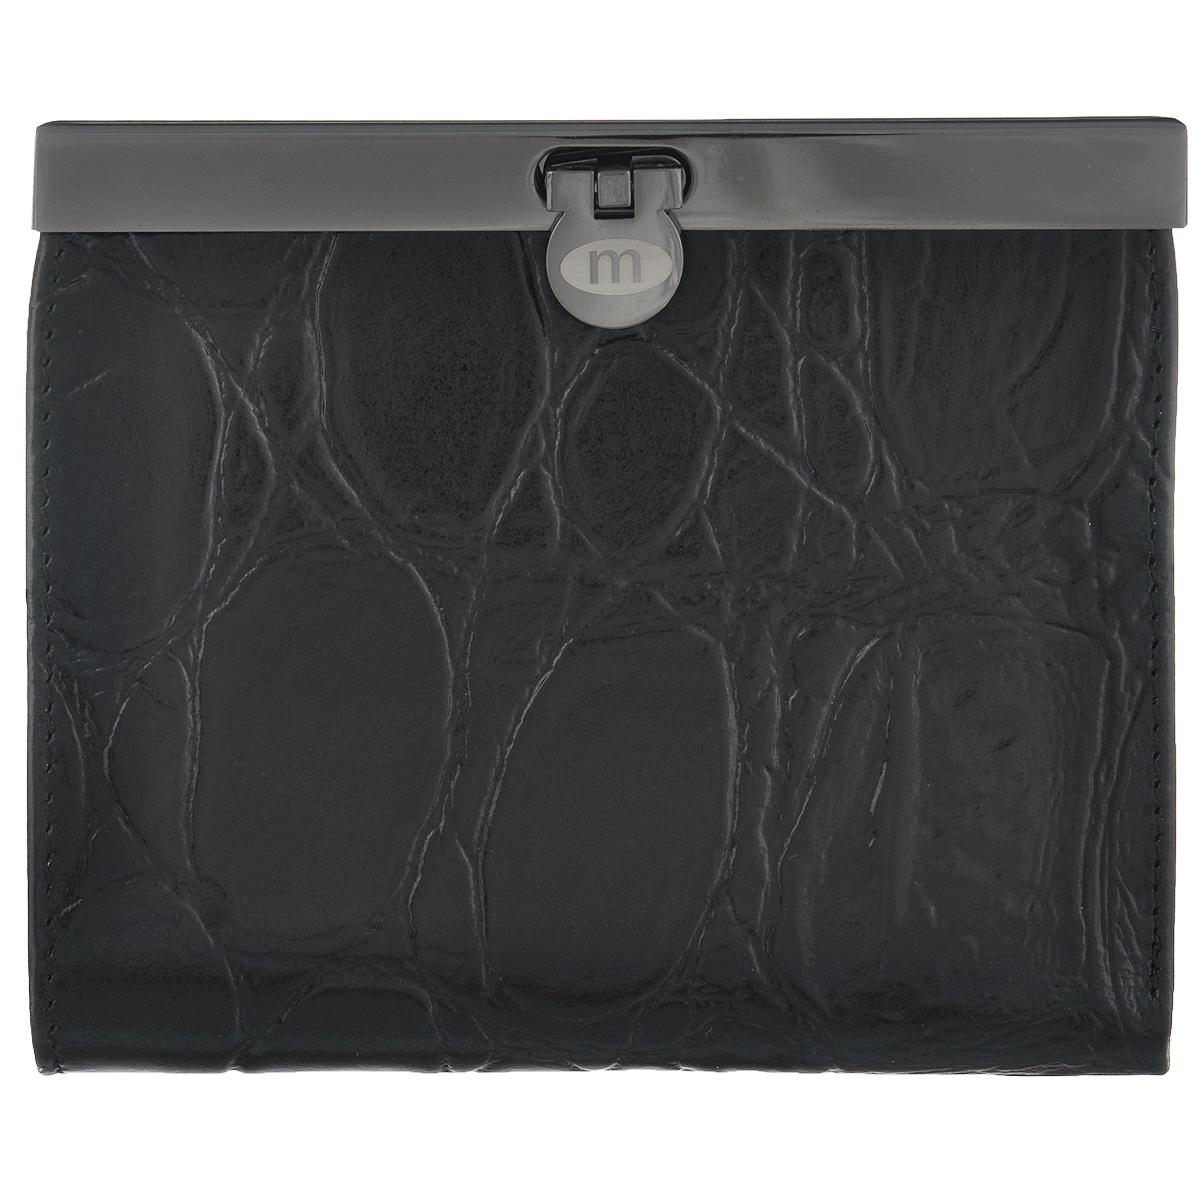 Кошелек женский Malgrado, цвет: черный. 44009-2910144009-29101# BlackСтильный кошелек Malgrado изготовлен из натуральной высококачественной кожи с декоративным тиснением под рептилию. Изделие закрывается на замок-защелку. Внутри расположены три отделения для купюр (одно из них закрывается на застежку-молнию), потайной карман, три прорезных кармашка для визиток и пластиковых карт, карман для мелочи на застежке-кнопке и два кармана с прозрачным окошком из мягкого пластика. Кошелек упакован в фирменную коробку. Такой кошелек станет замечательным подарком человеку, ценящему качественные и практичные вещи.замочек.